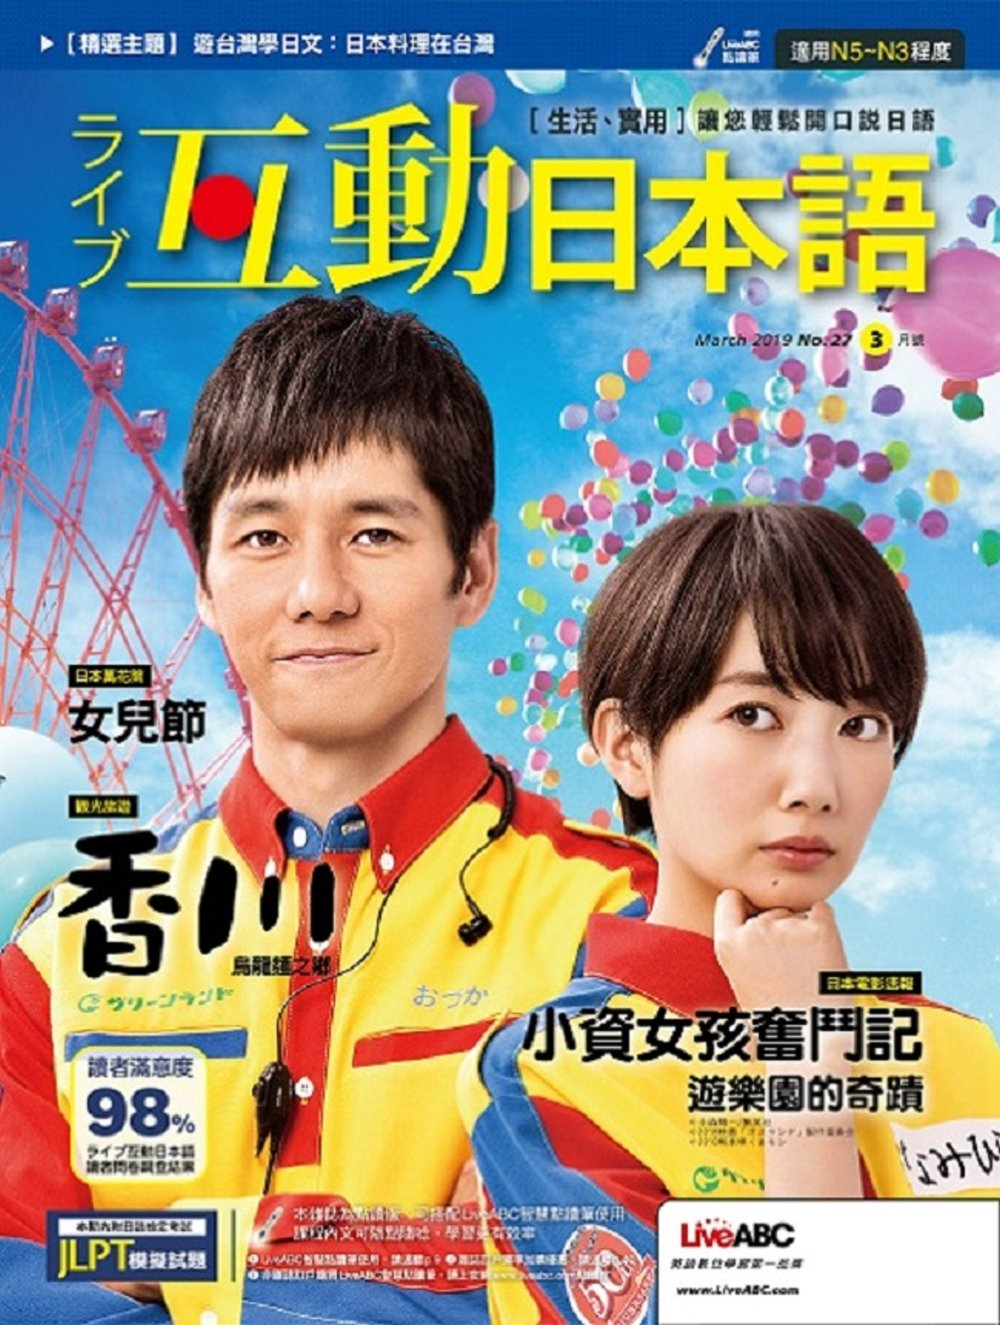 互動日本語(互動光碟版)一年12期+3期+日語生活會話必備88句型